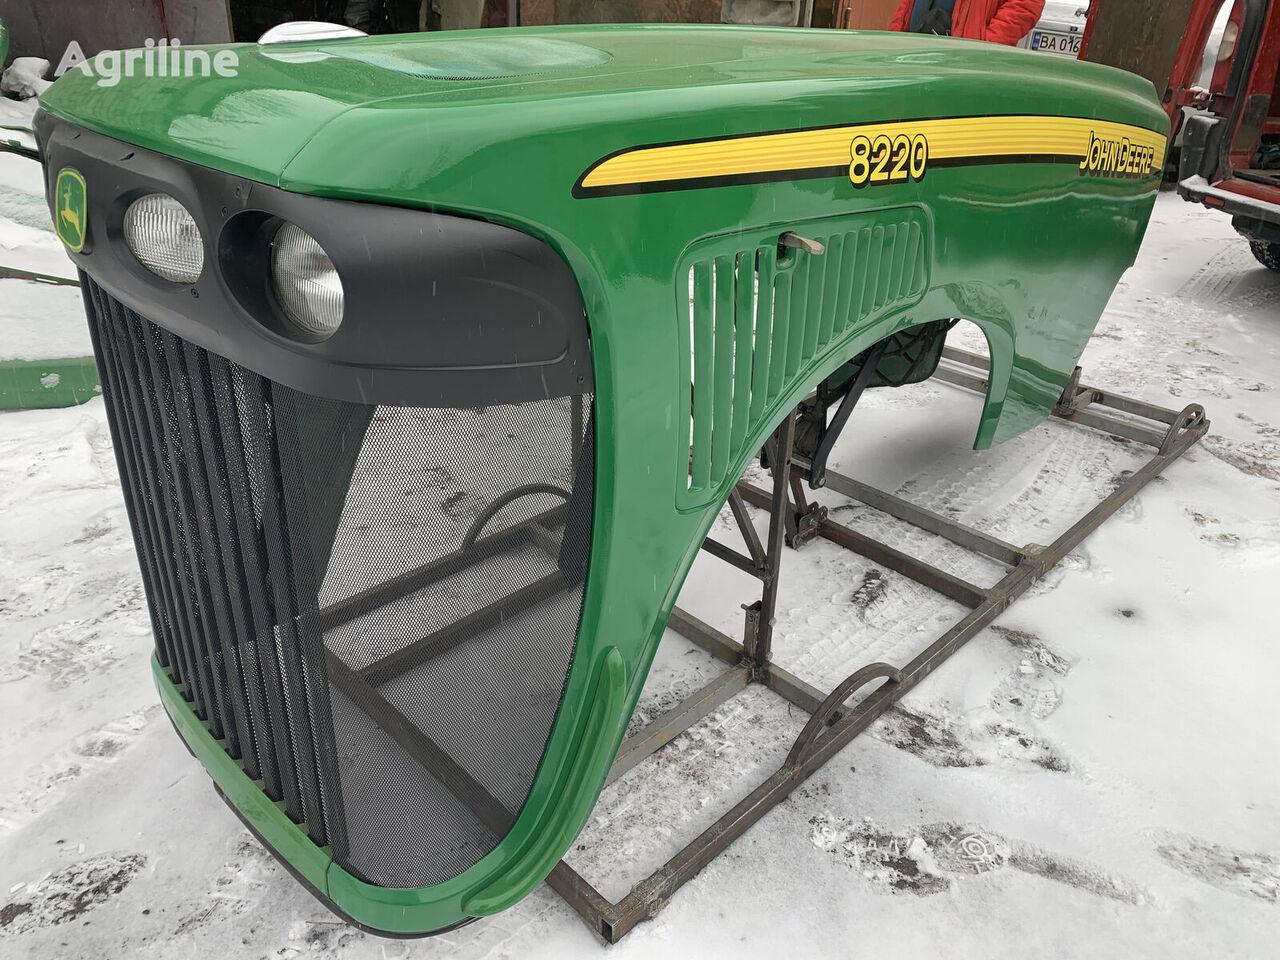 new hood for JOHN DEERE 8520 8120 8220 8320 8420 tractor